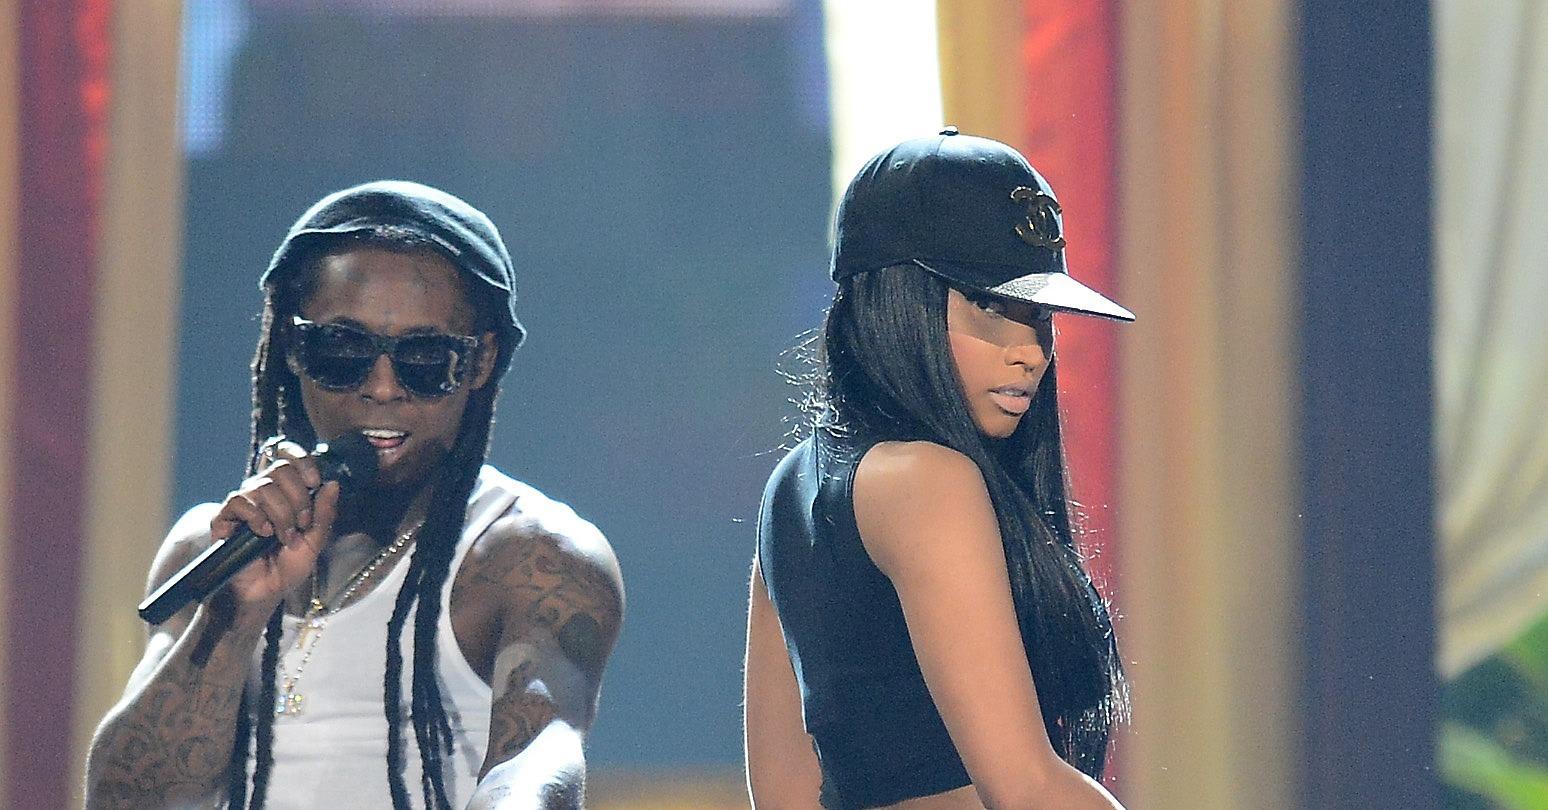 Lil Kim And Nicki Minaj Together Lil Wayne and Nicki Mi...